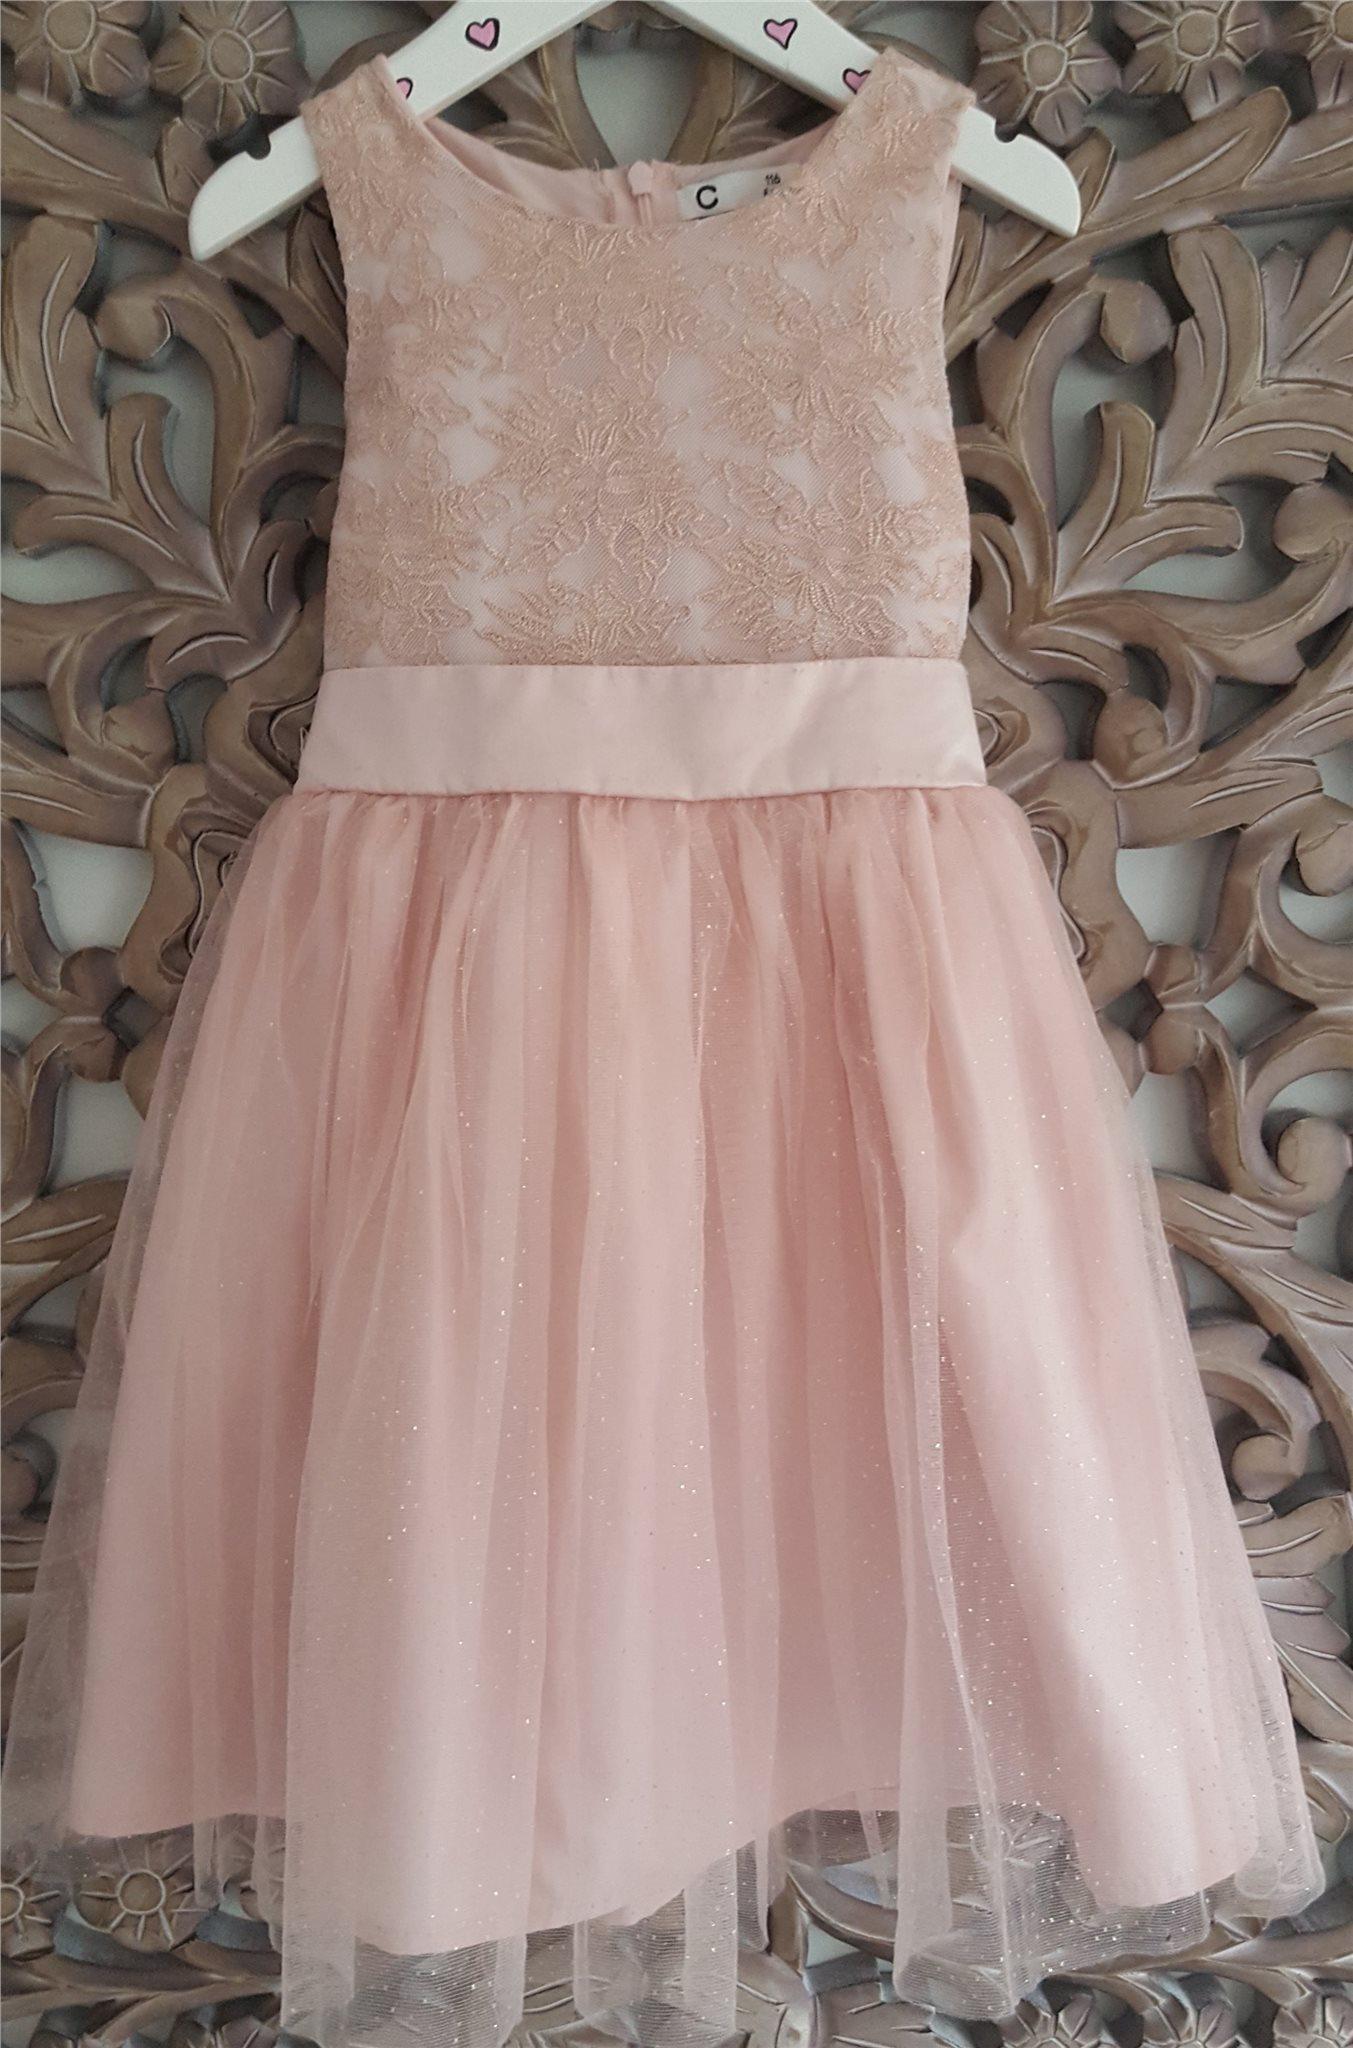 Söt Elegant fin klänning CUBUS gammel Rosa med små guld prickar stl.116 Tyll 8a94bc3406312